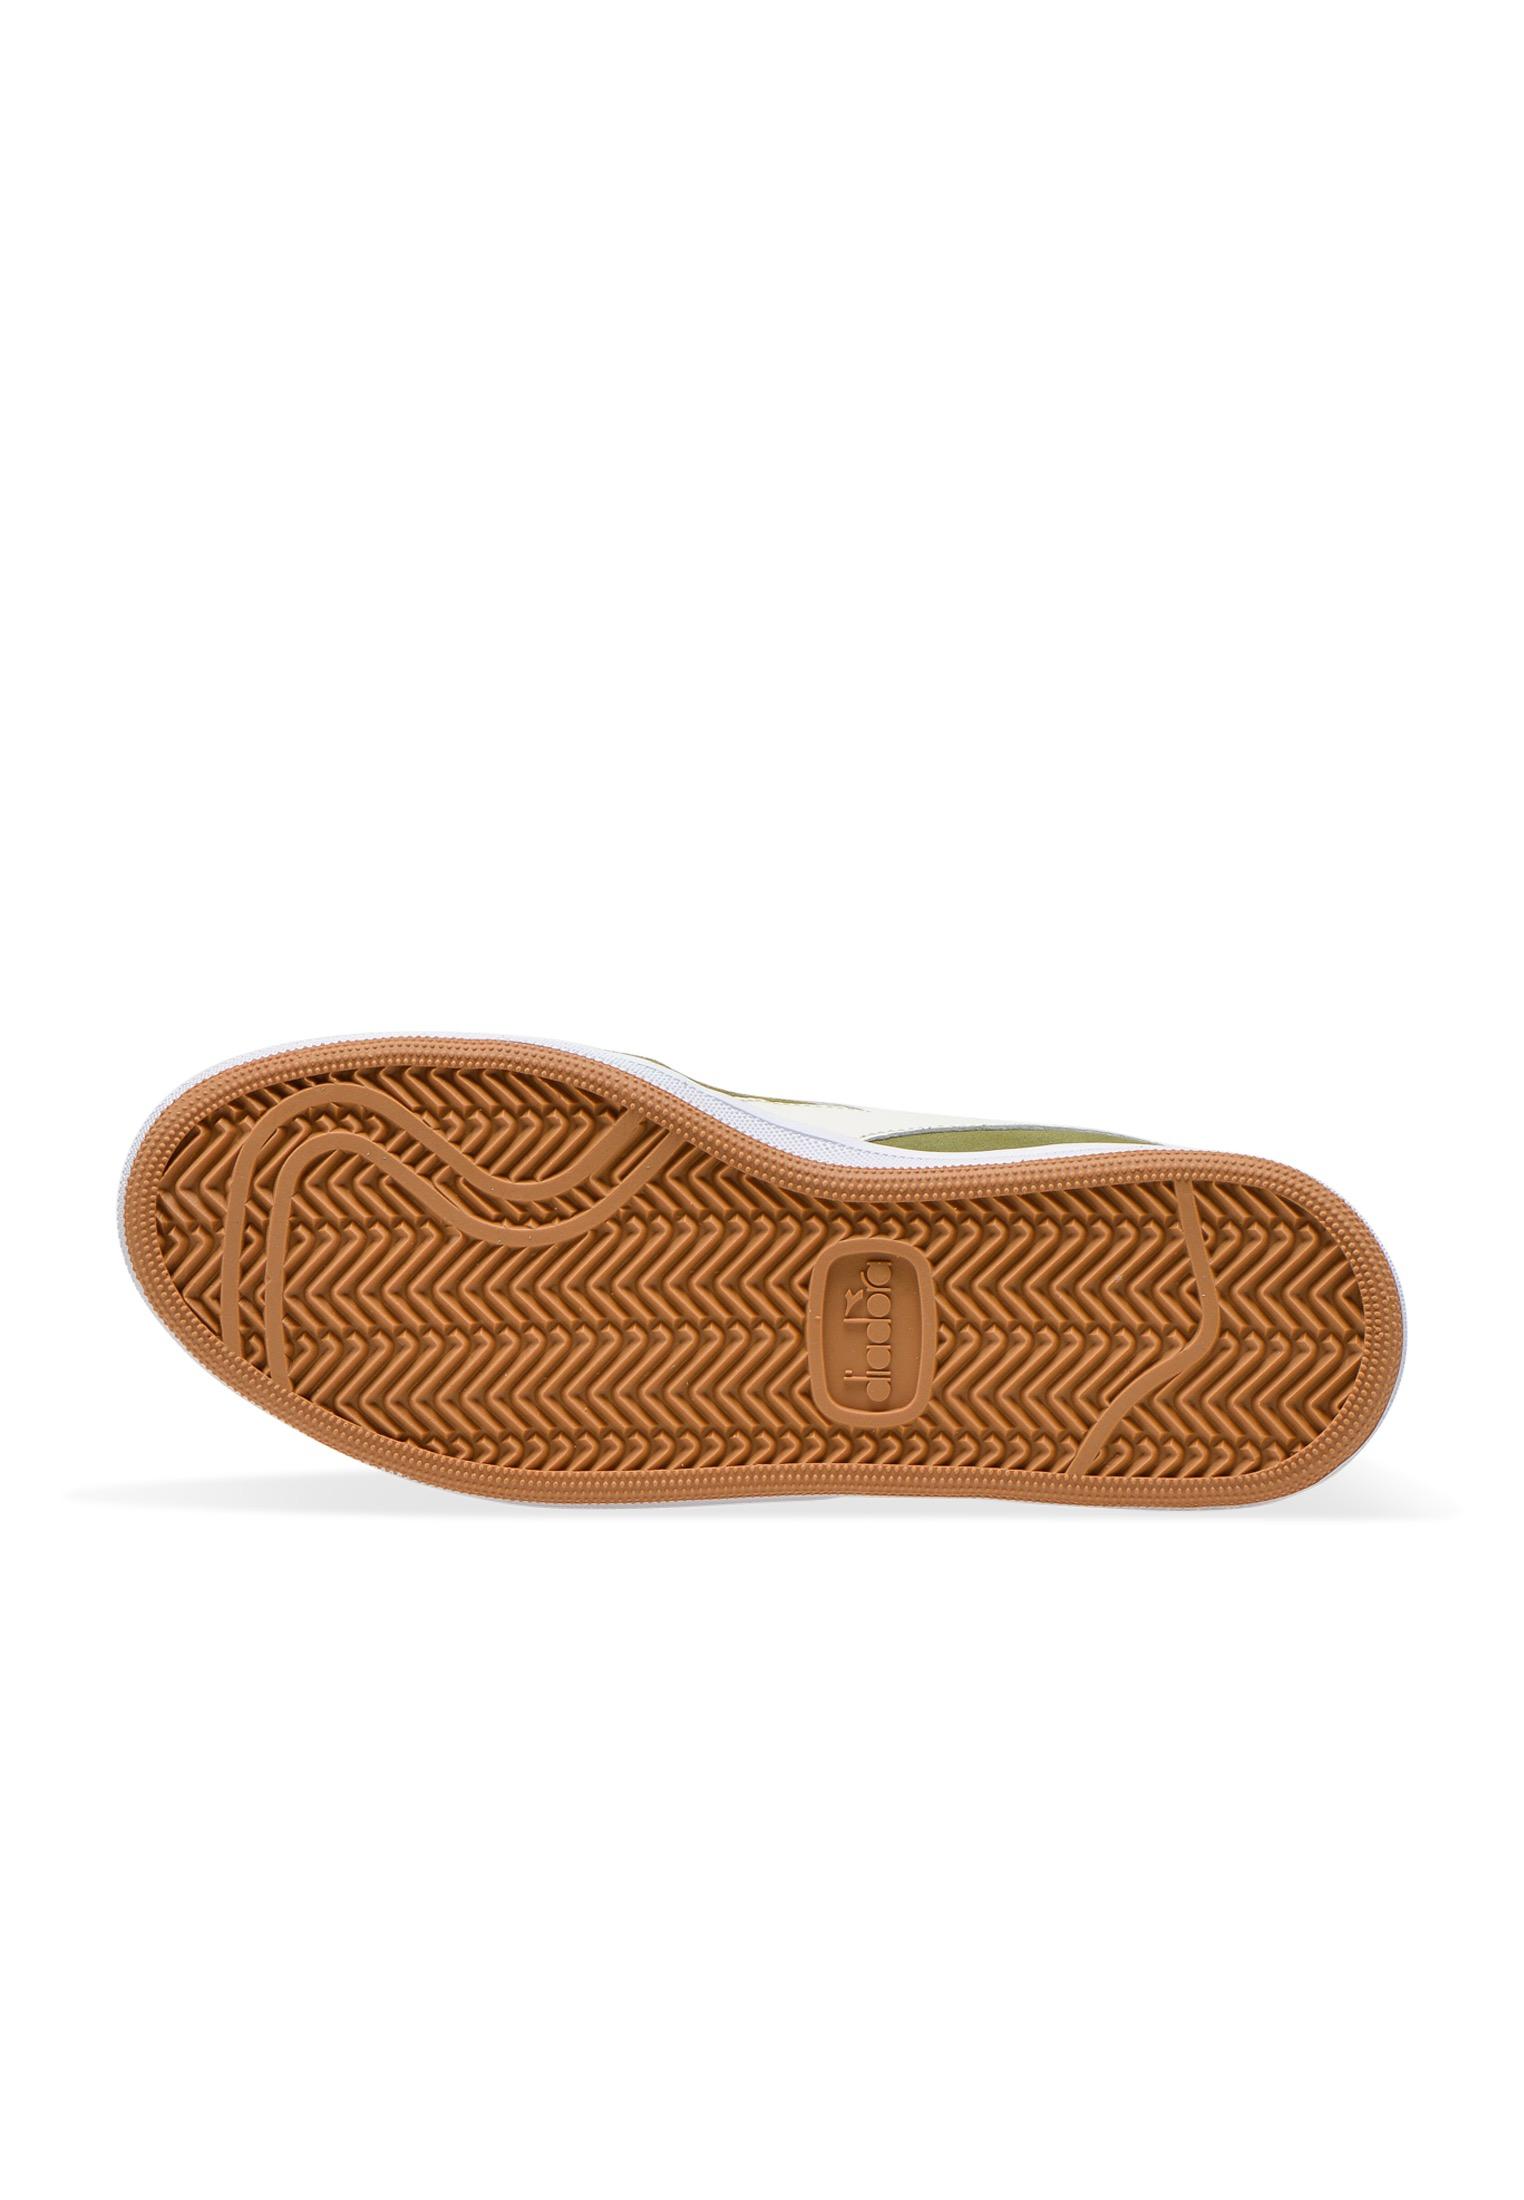 miniatura 4 - Diadora - Sneakers FIELD per uomo e donna